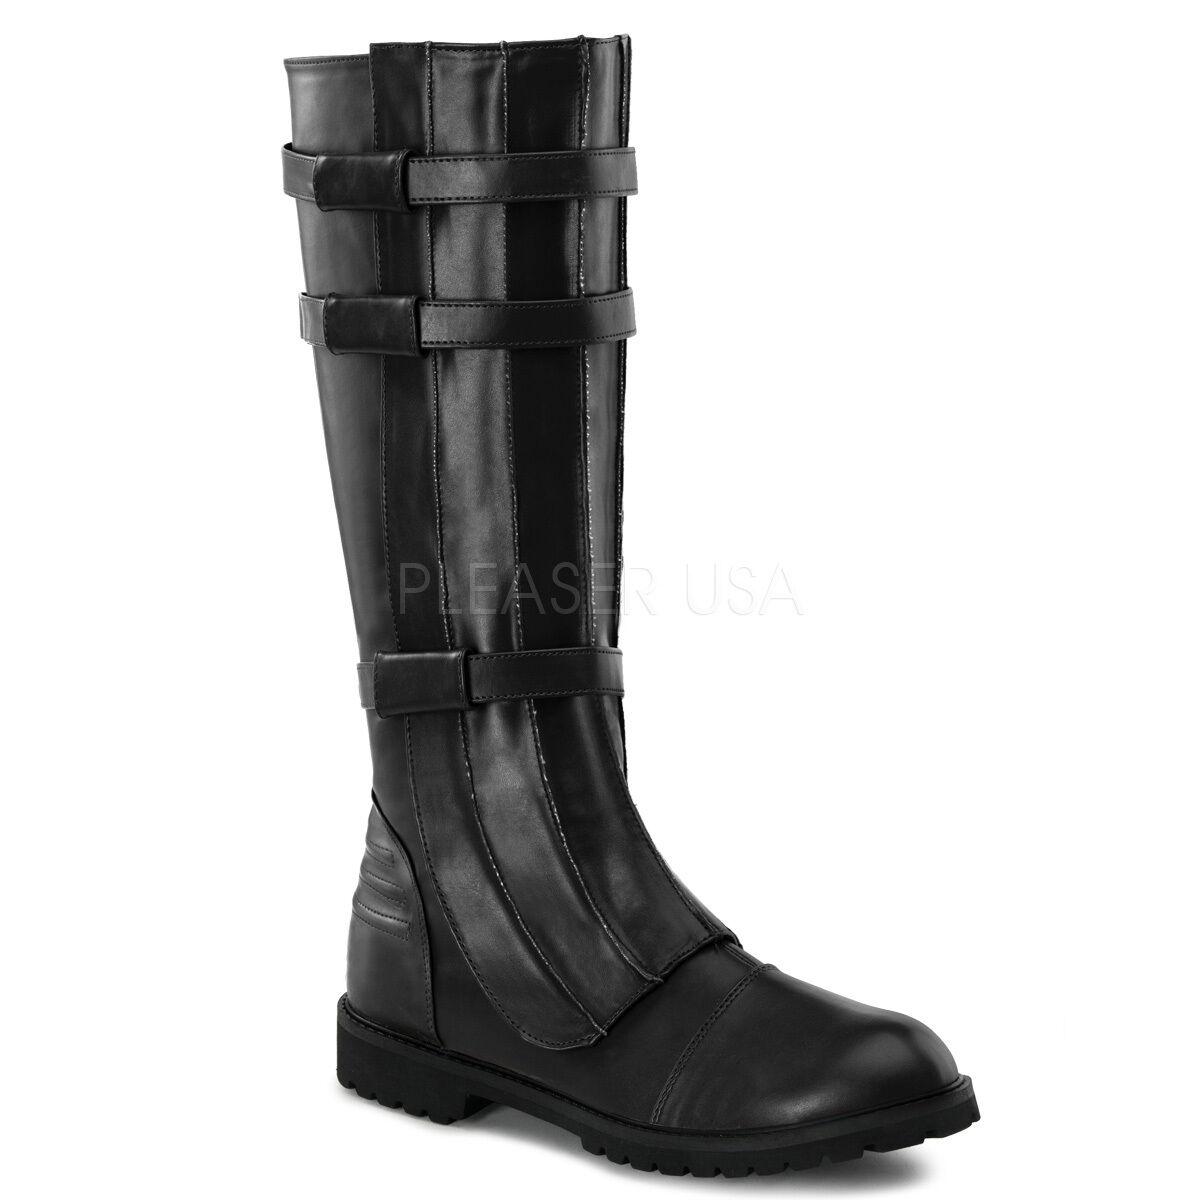 nero Burner Mad Max Shin Leg Guard Armor  Mens Costume stivali scarpe 12 13  profitto zero